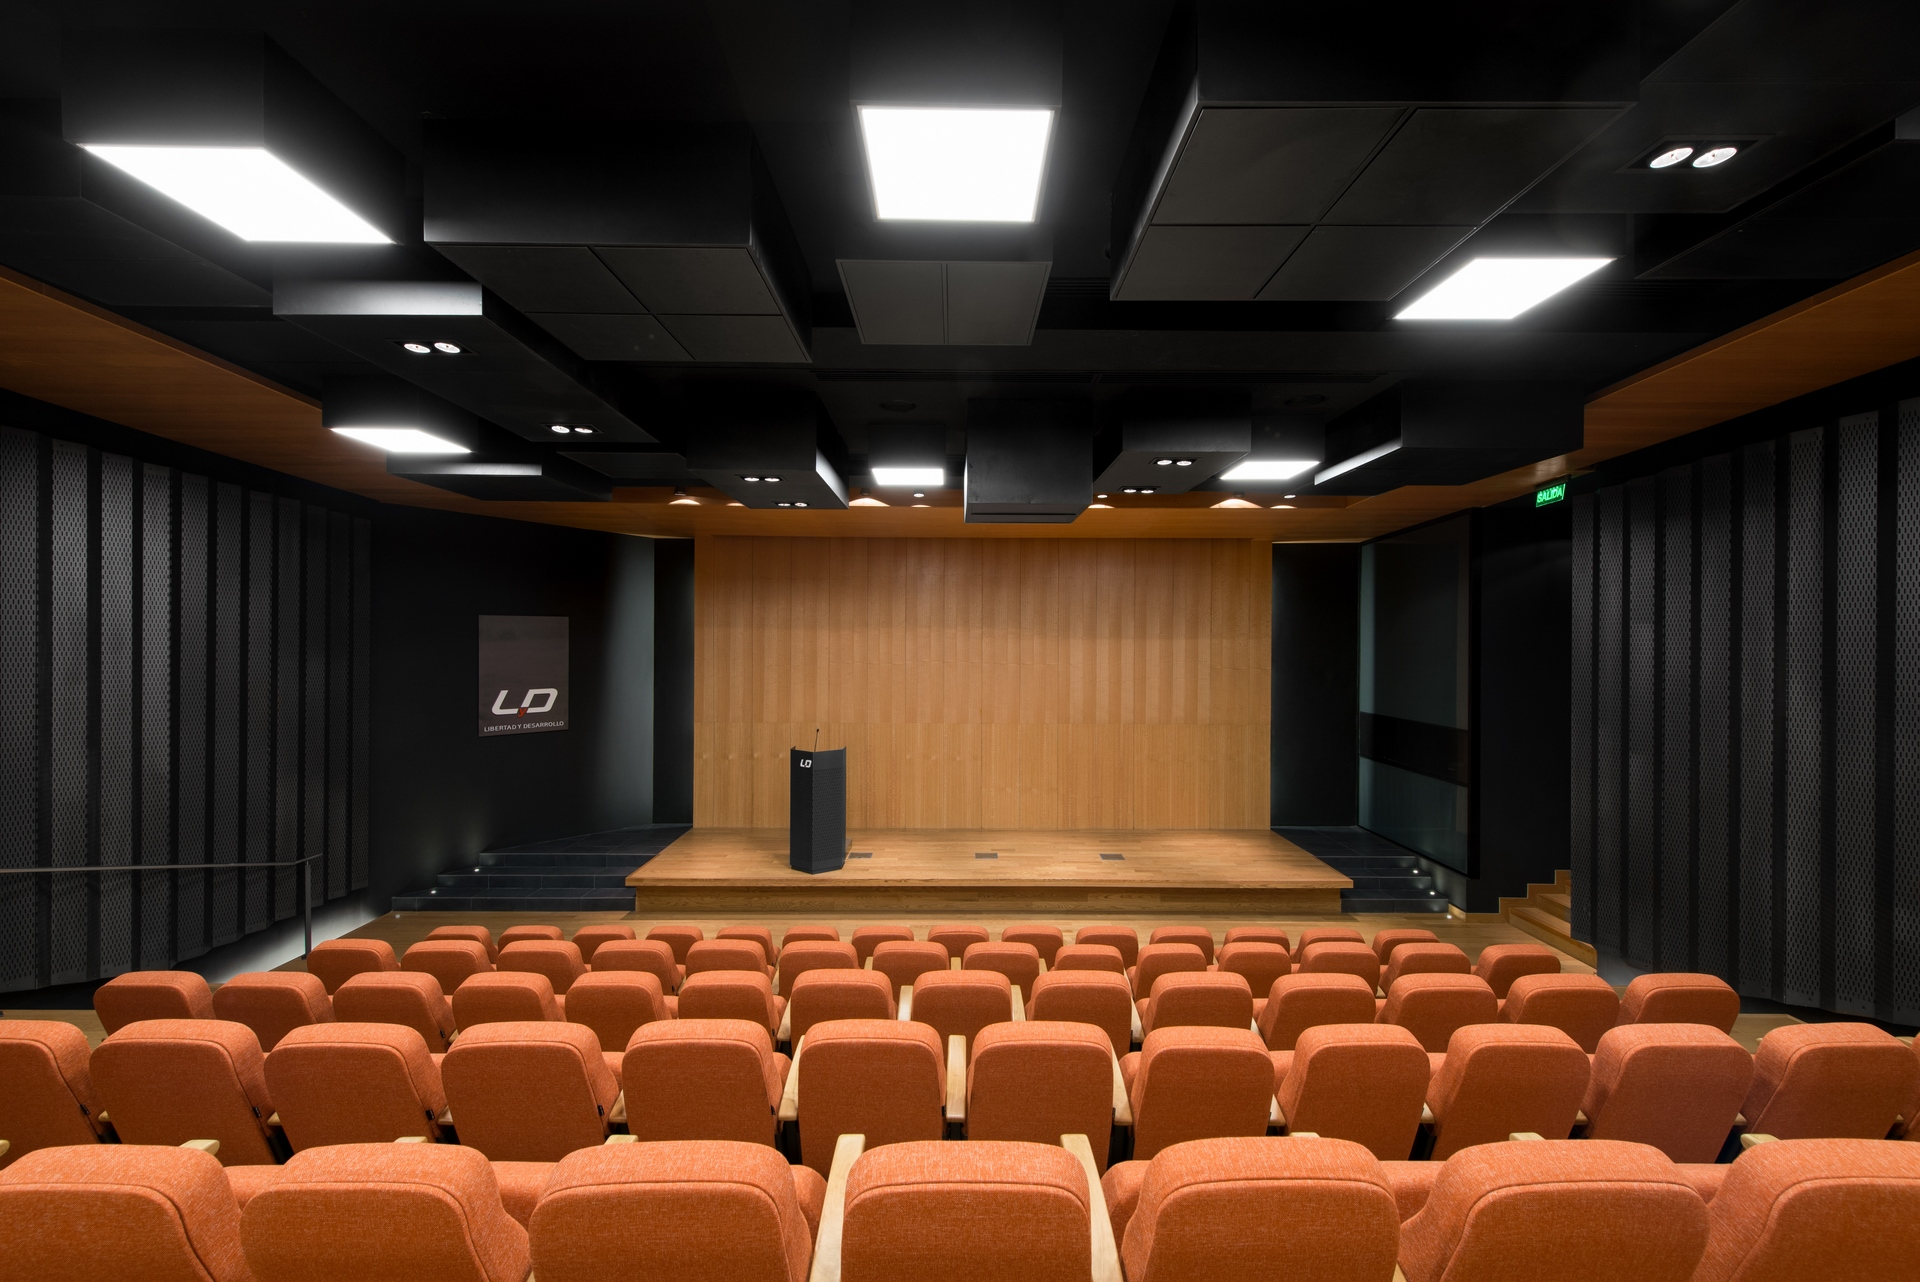 Auditorio Libertad y Desarrollo